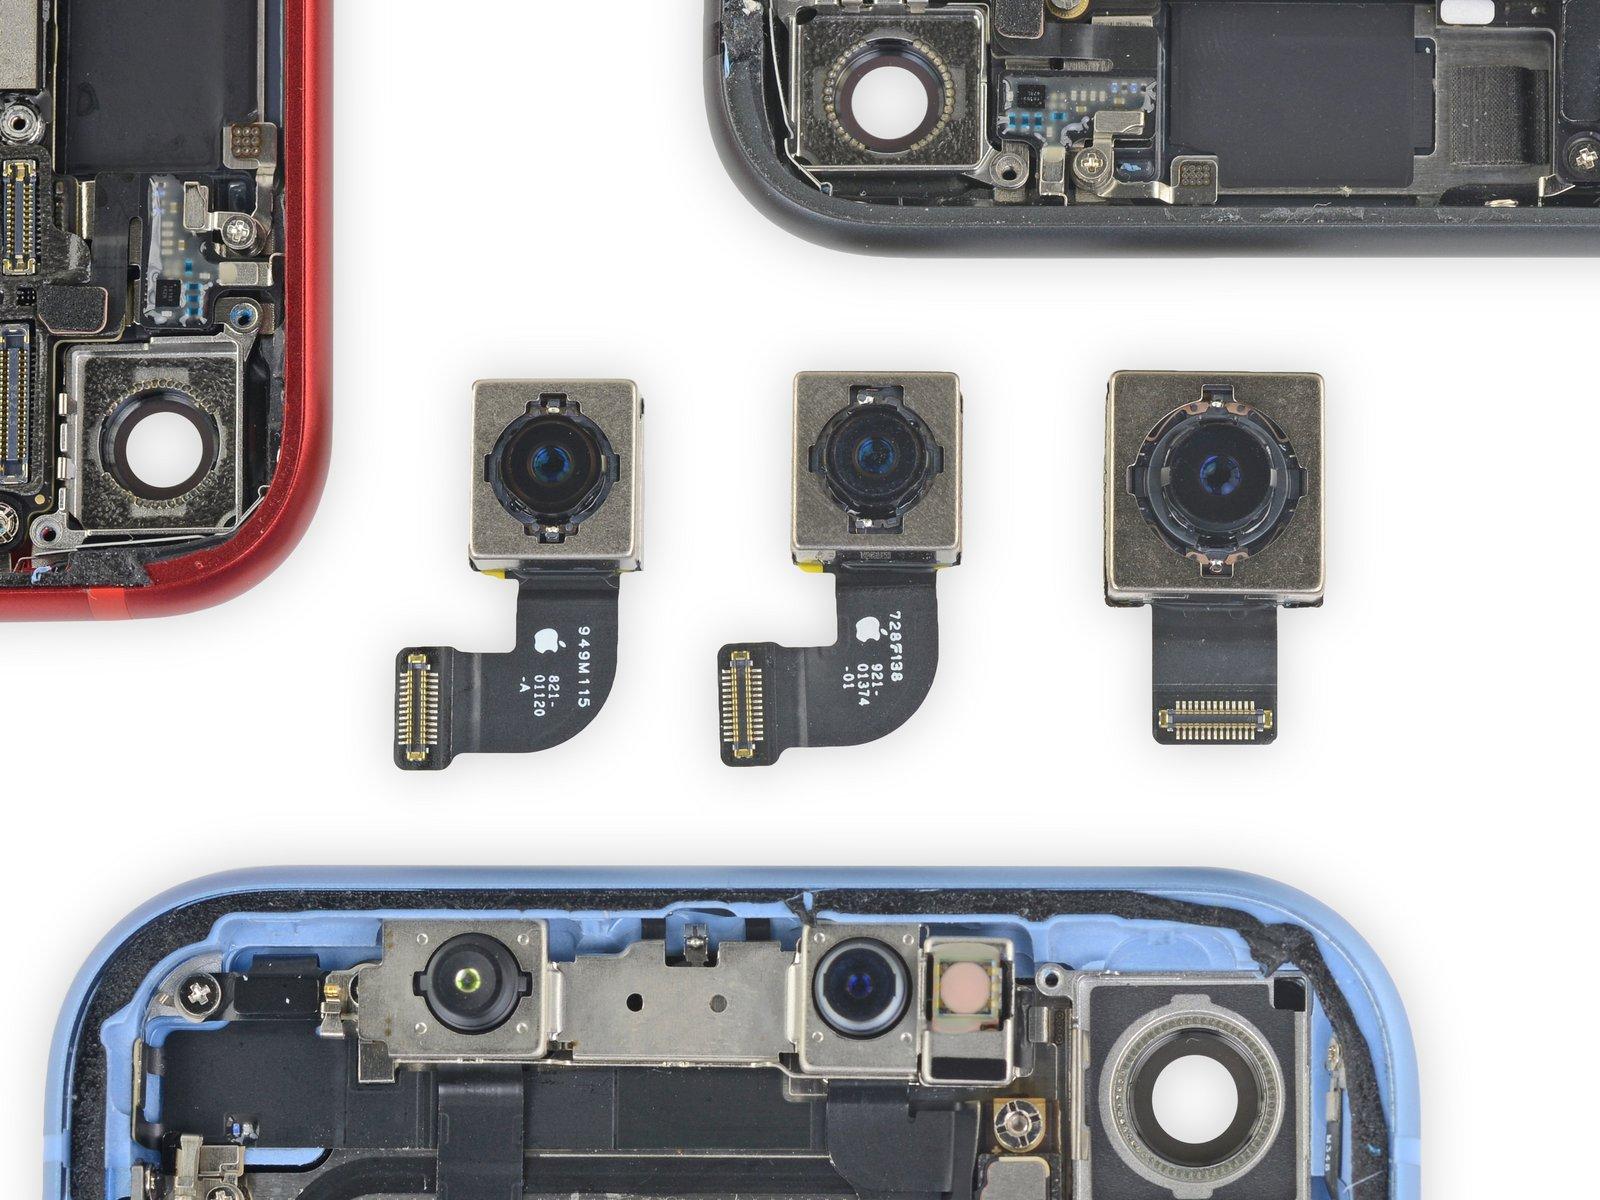 iFixit: Vergleich Kamera-Einheiten